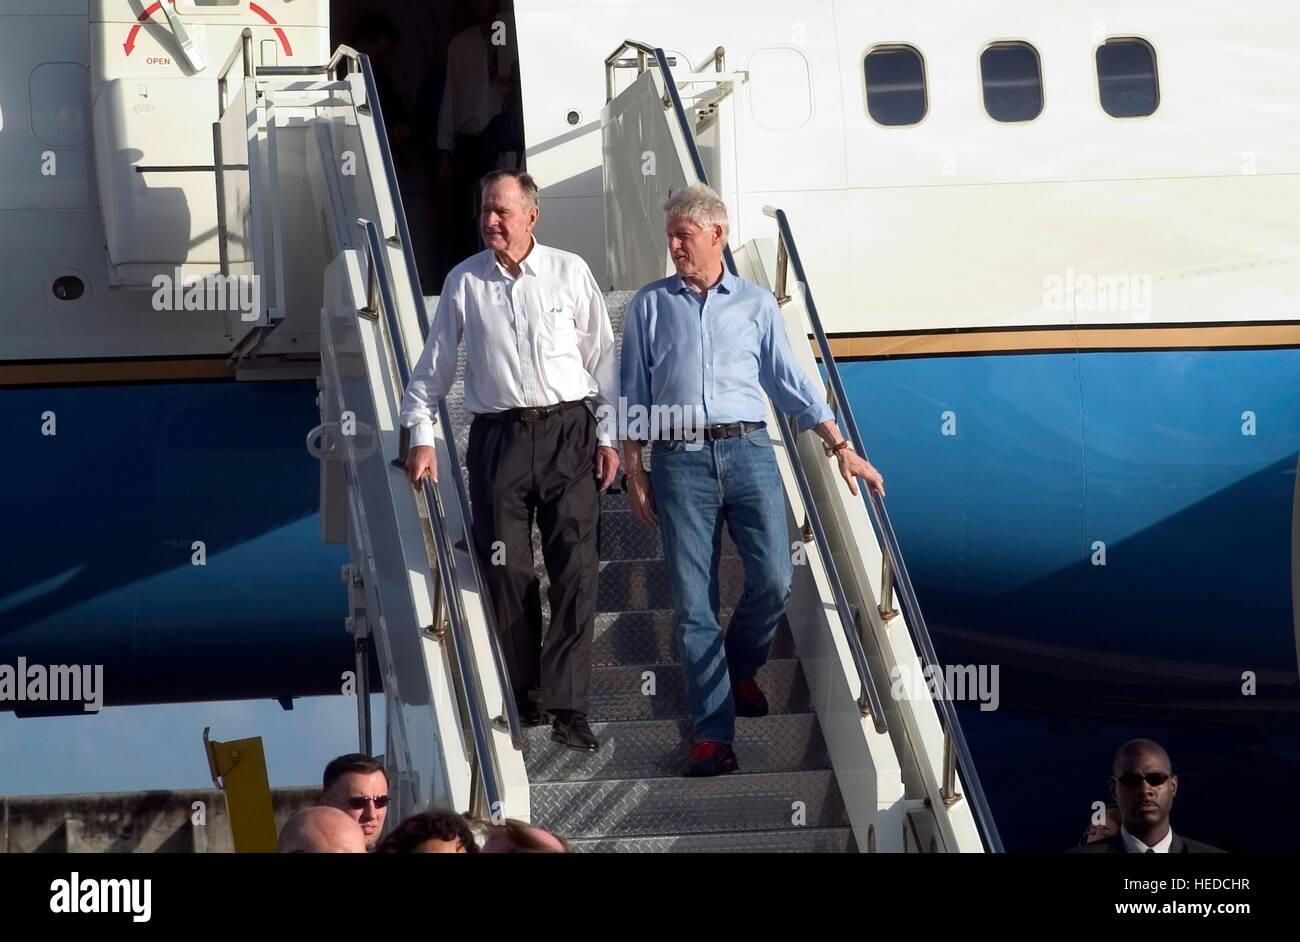 Ehemaligen US-Präsidenten George H. W. Bush (links) und Bill Clinton aussteigen ein USAF C-23 Sherpa Flugzeug Stockbild